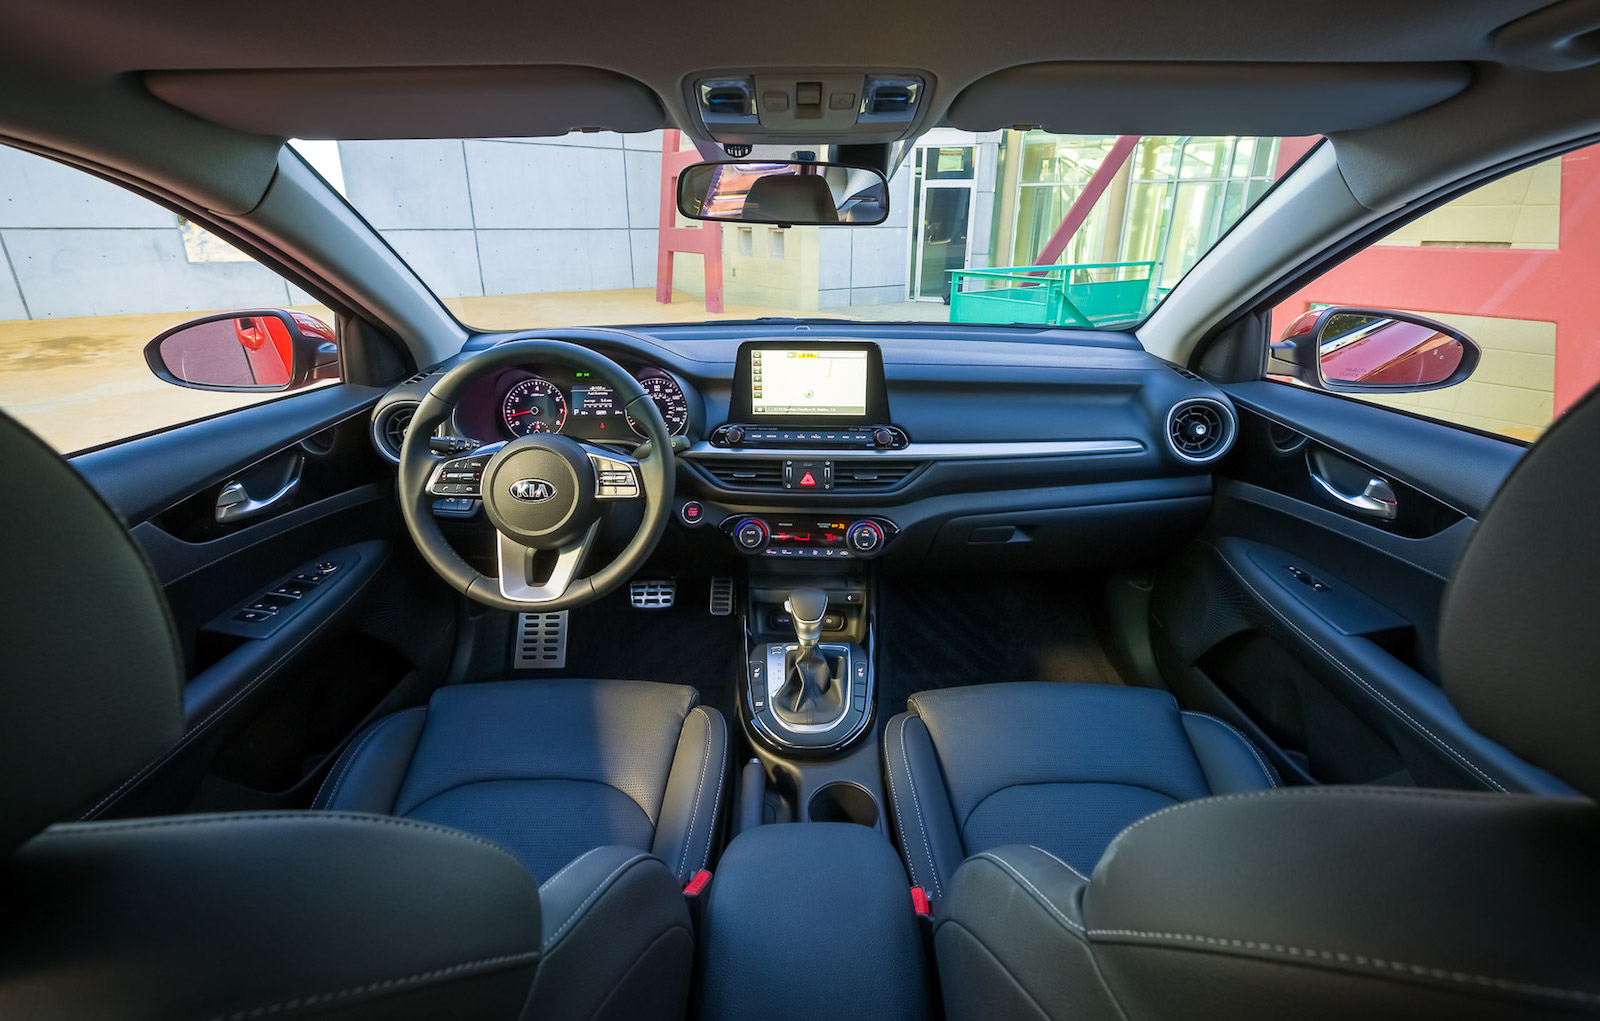 Kia Cerato Interior on New Vw Cars For 2019 Jetta